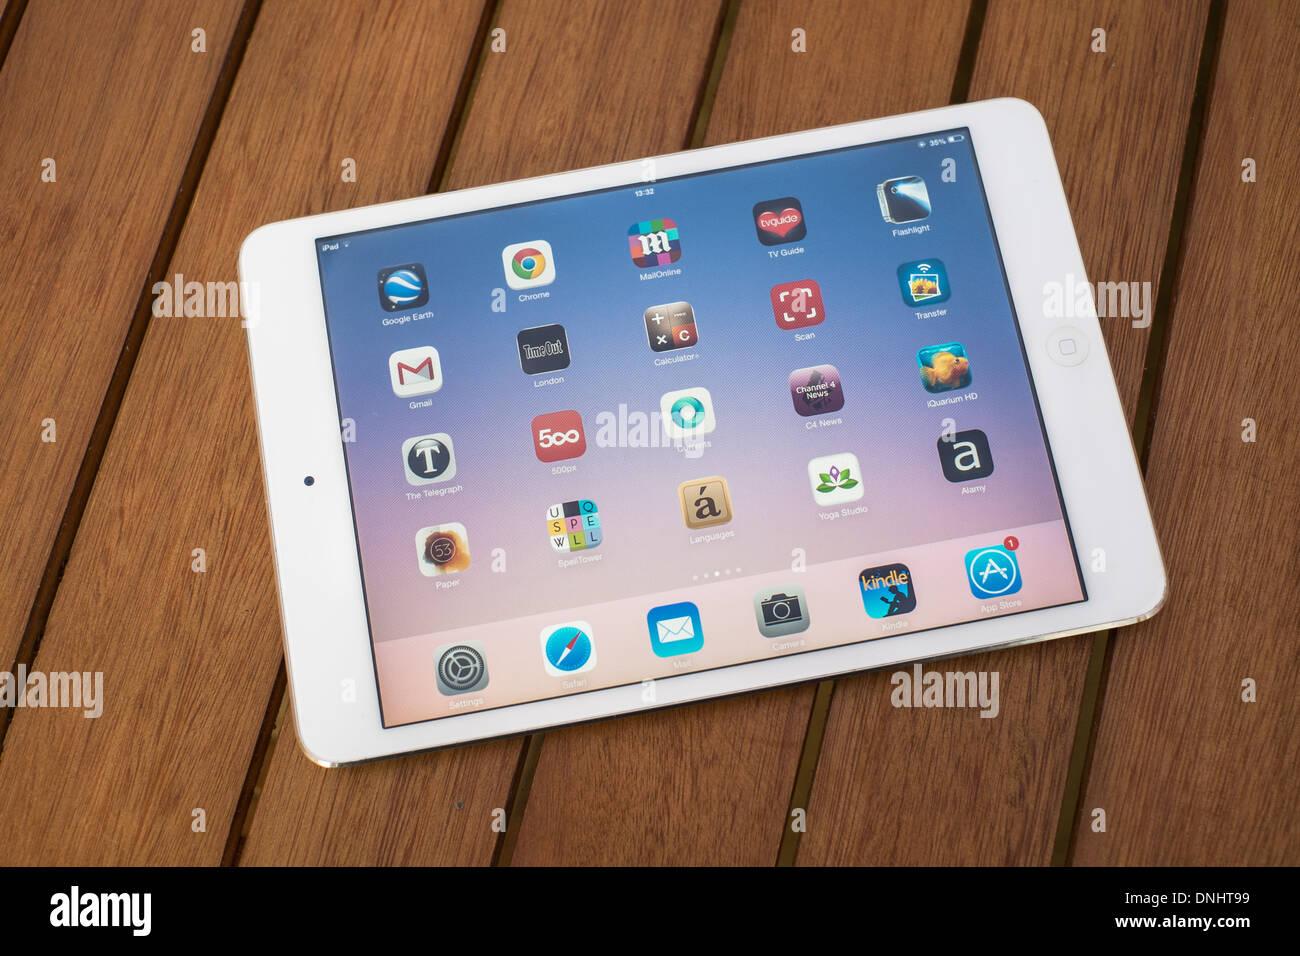 Mini Ipad blanco sobre una mesa de madera, mostrando la pantalla de Apps. Imagen De Stock